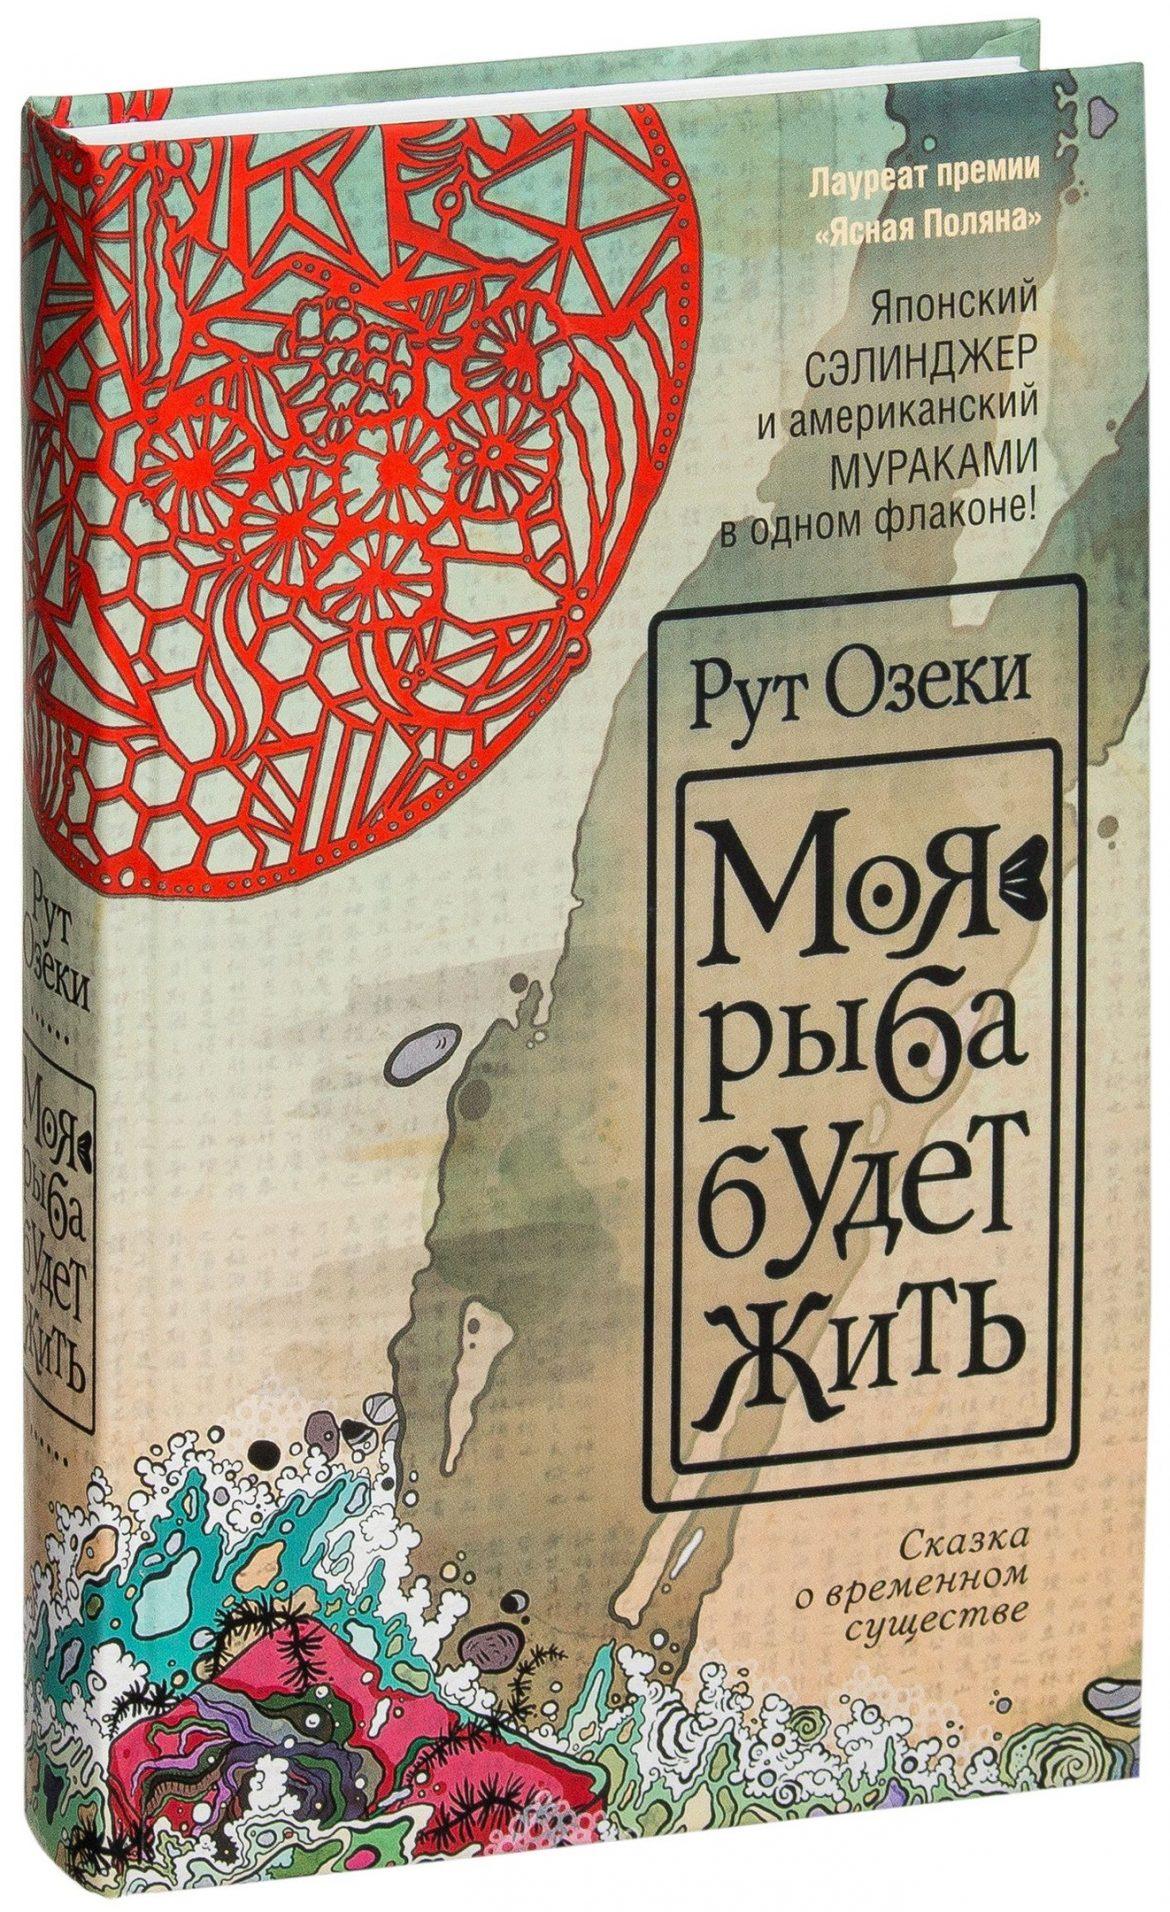 Моя рыба будет жить — Рут Озеки